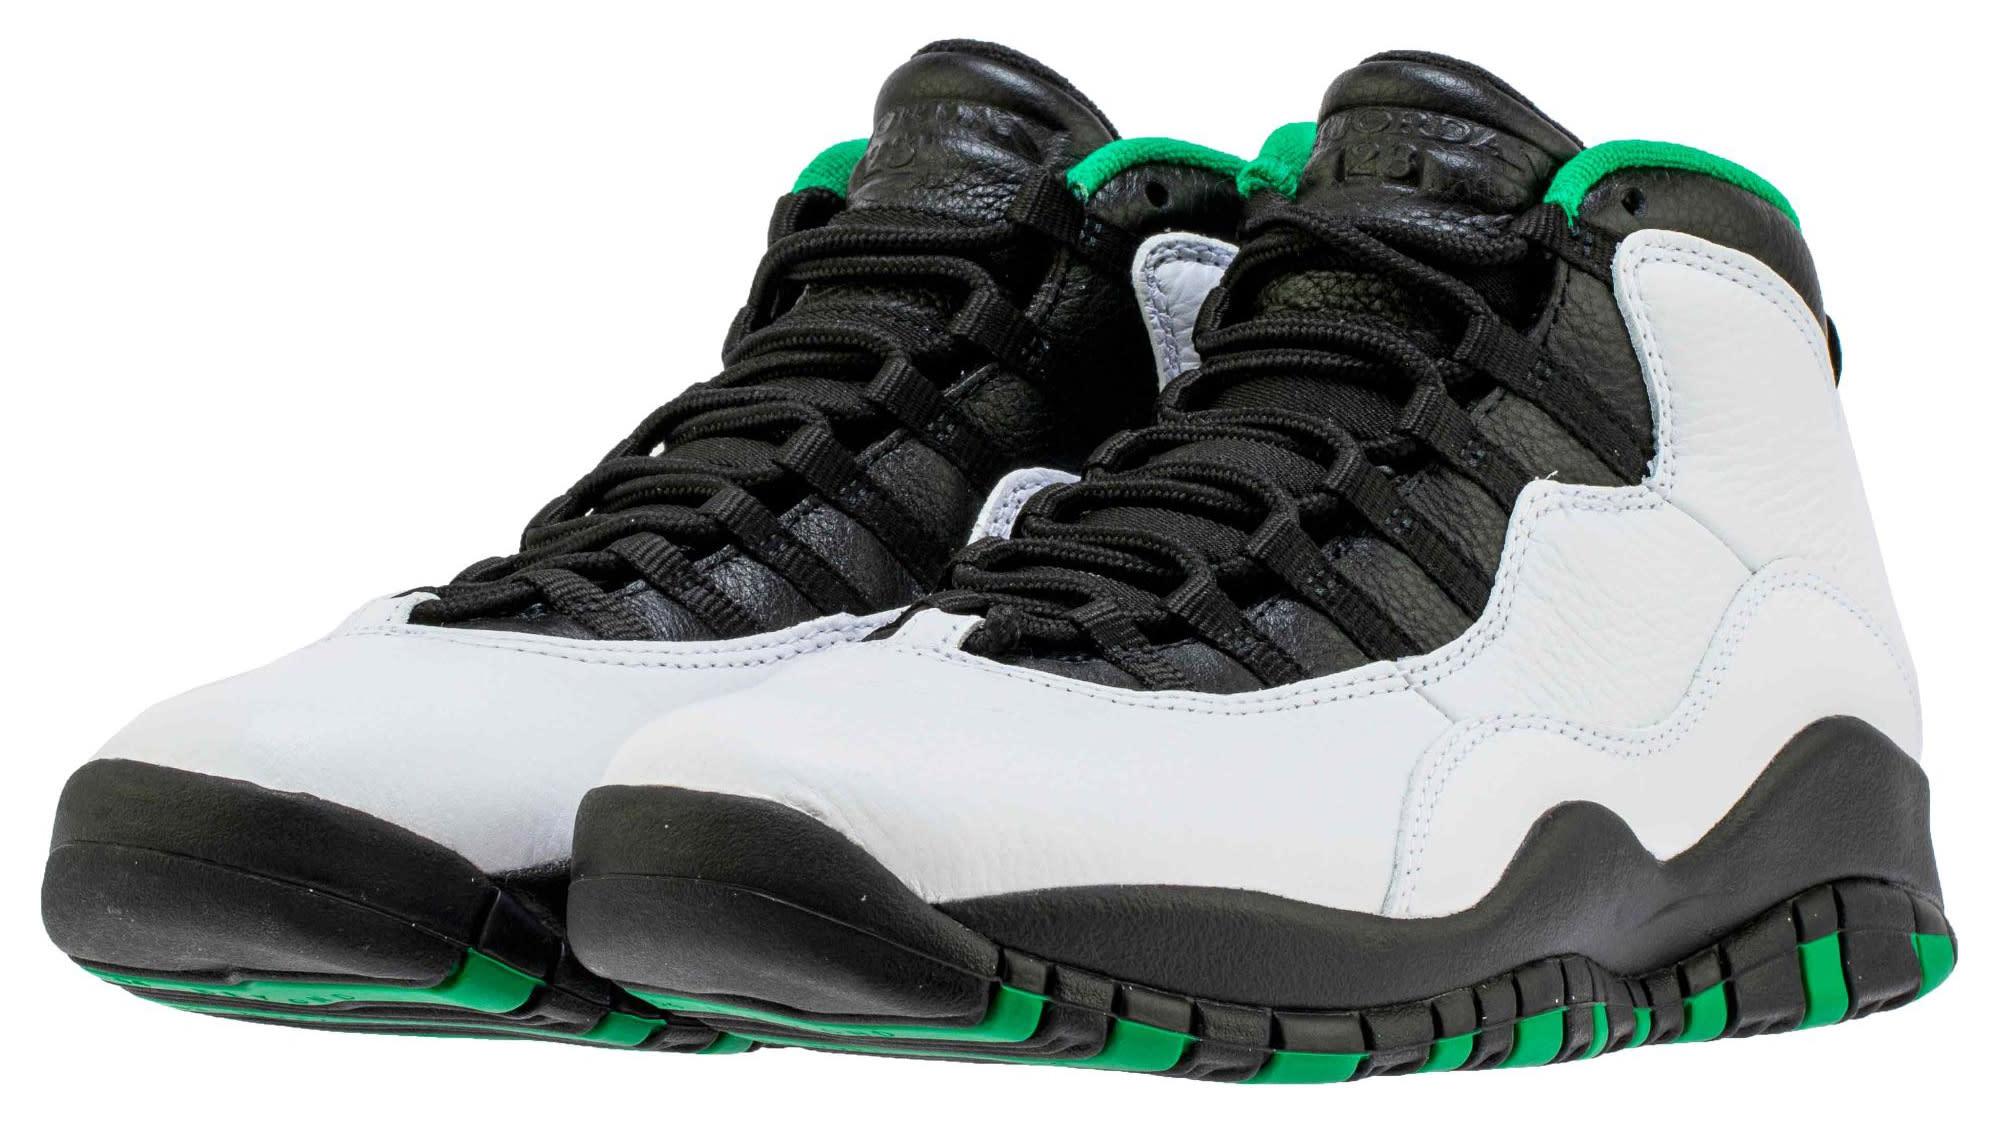 Air Jordan 10 Seattle Release Date 310805-137 Pair